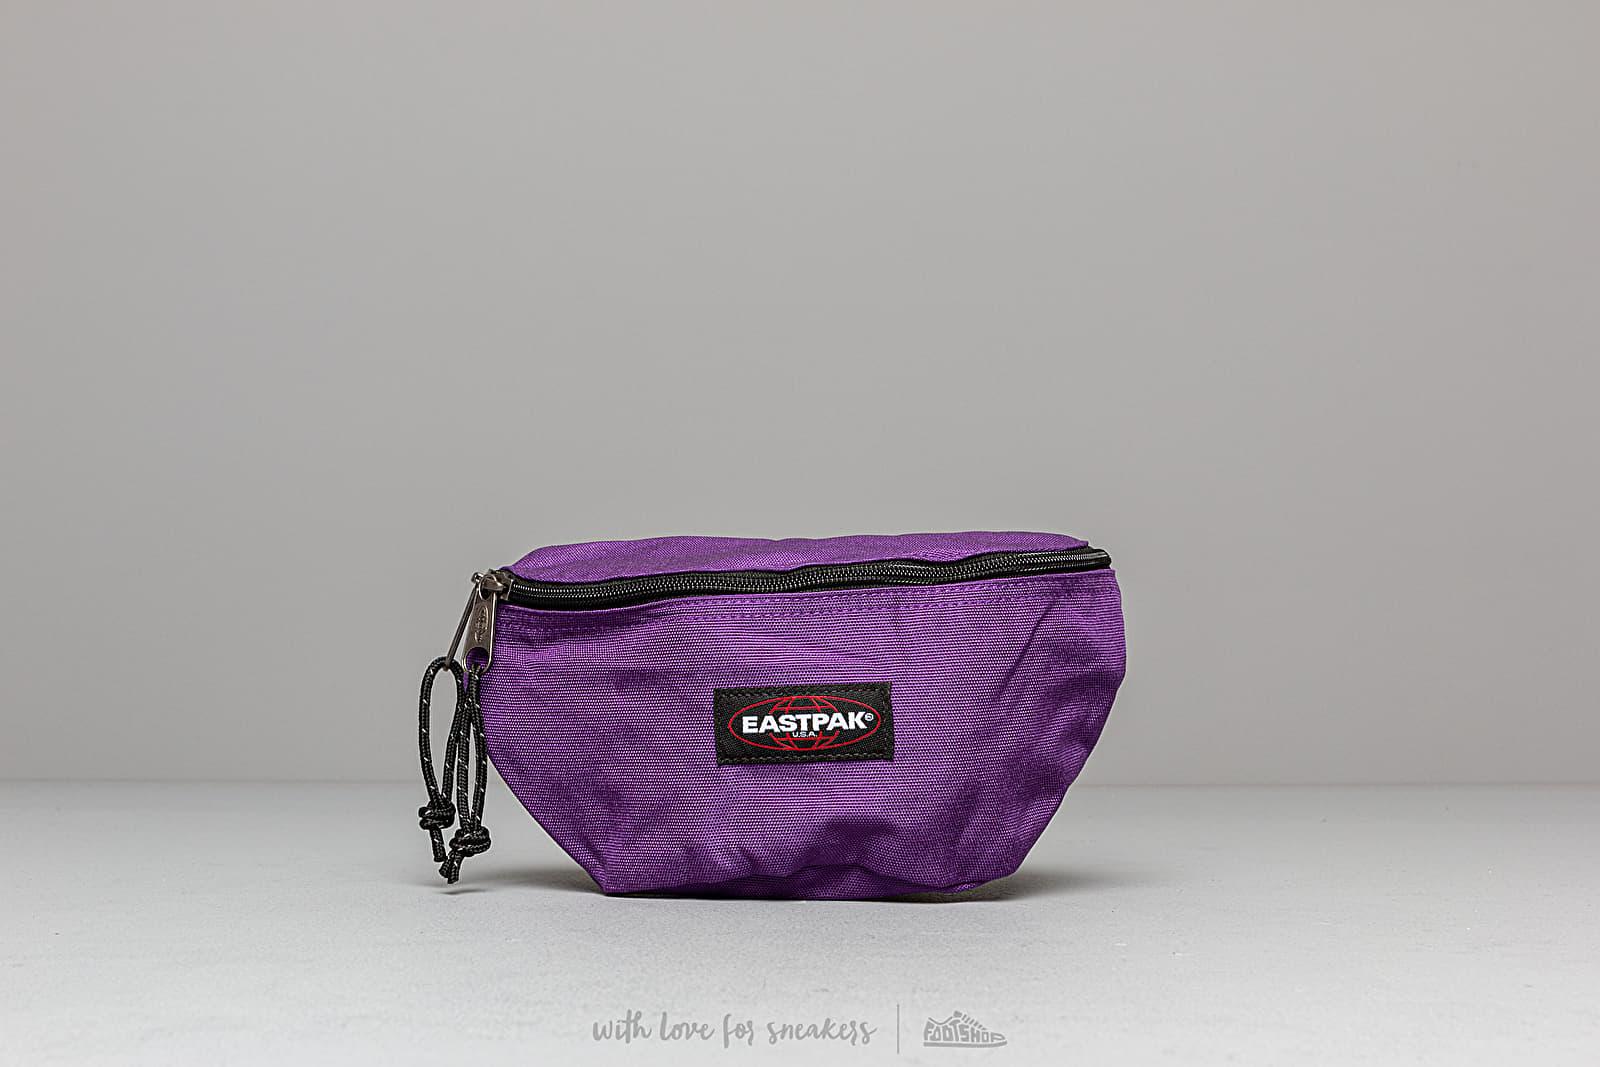 EASTPAK Springer Weistbag Prankish Purple za skvelú cenu 26 € kúpite na Footshop.sk